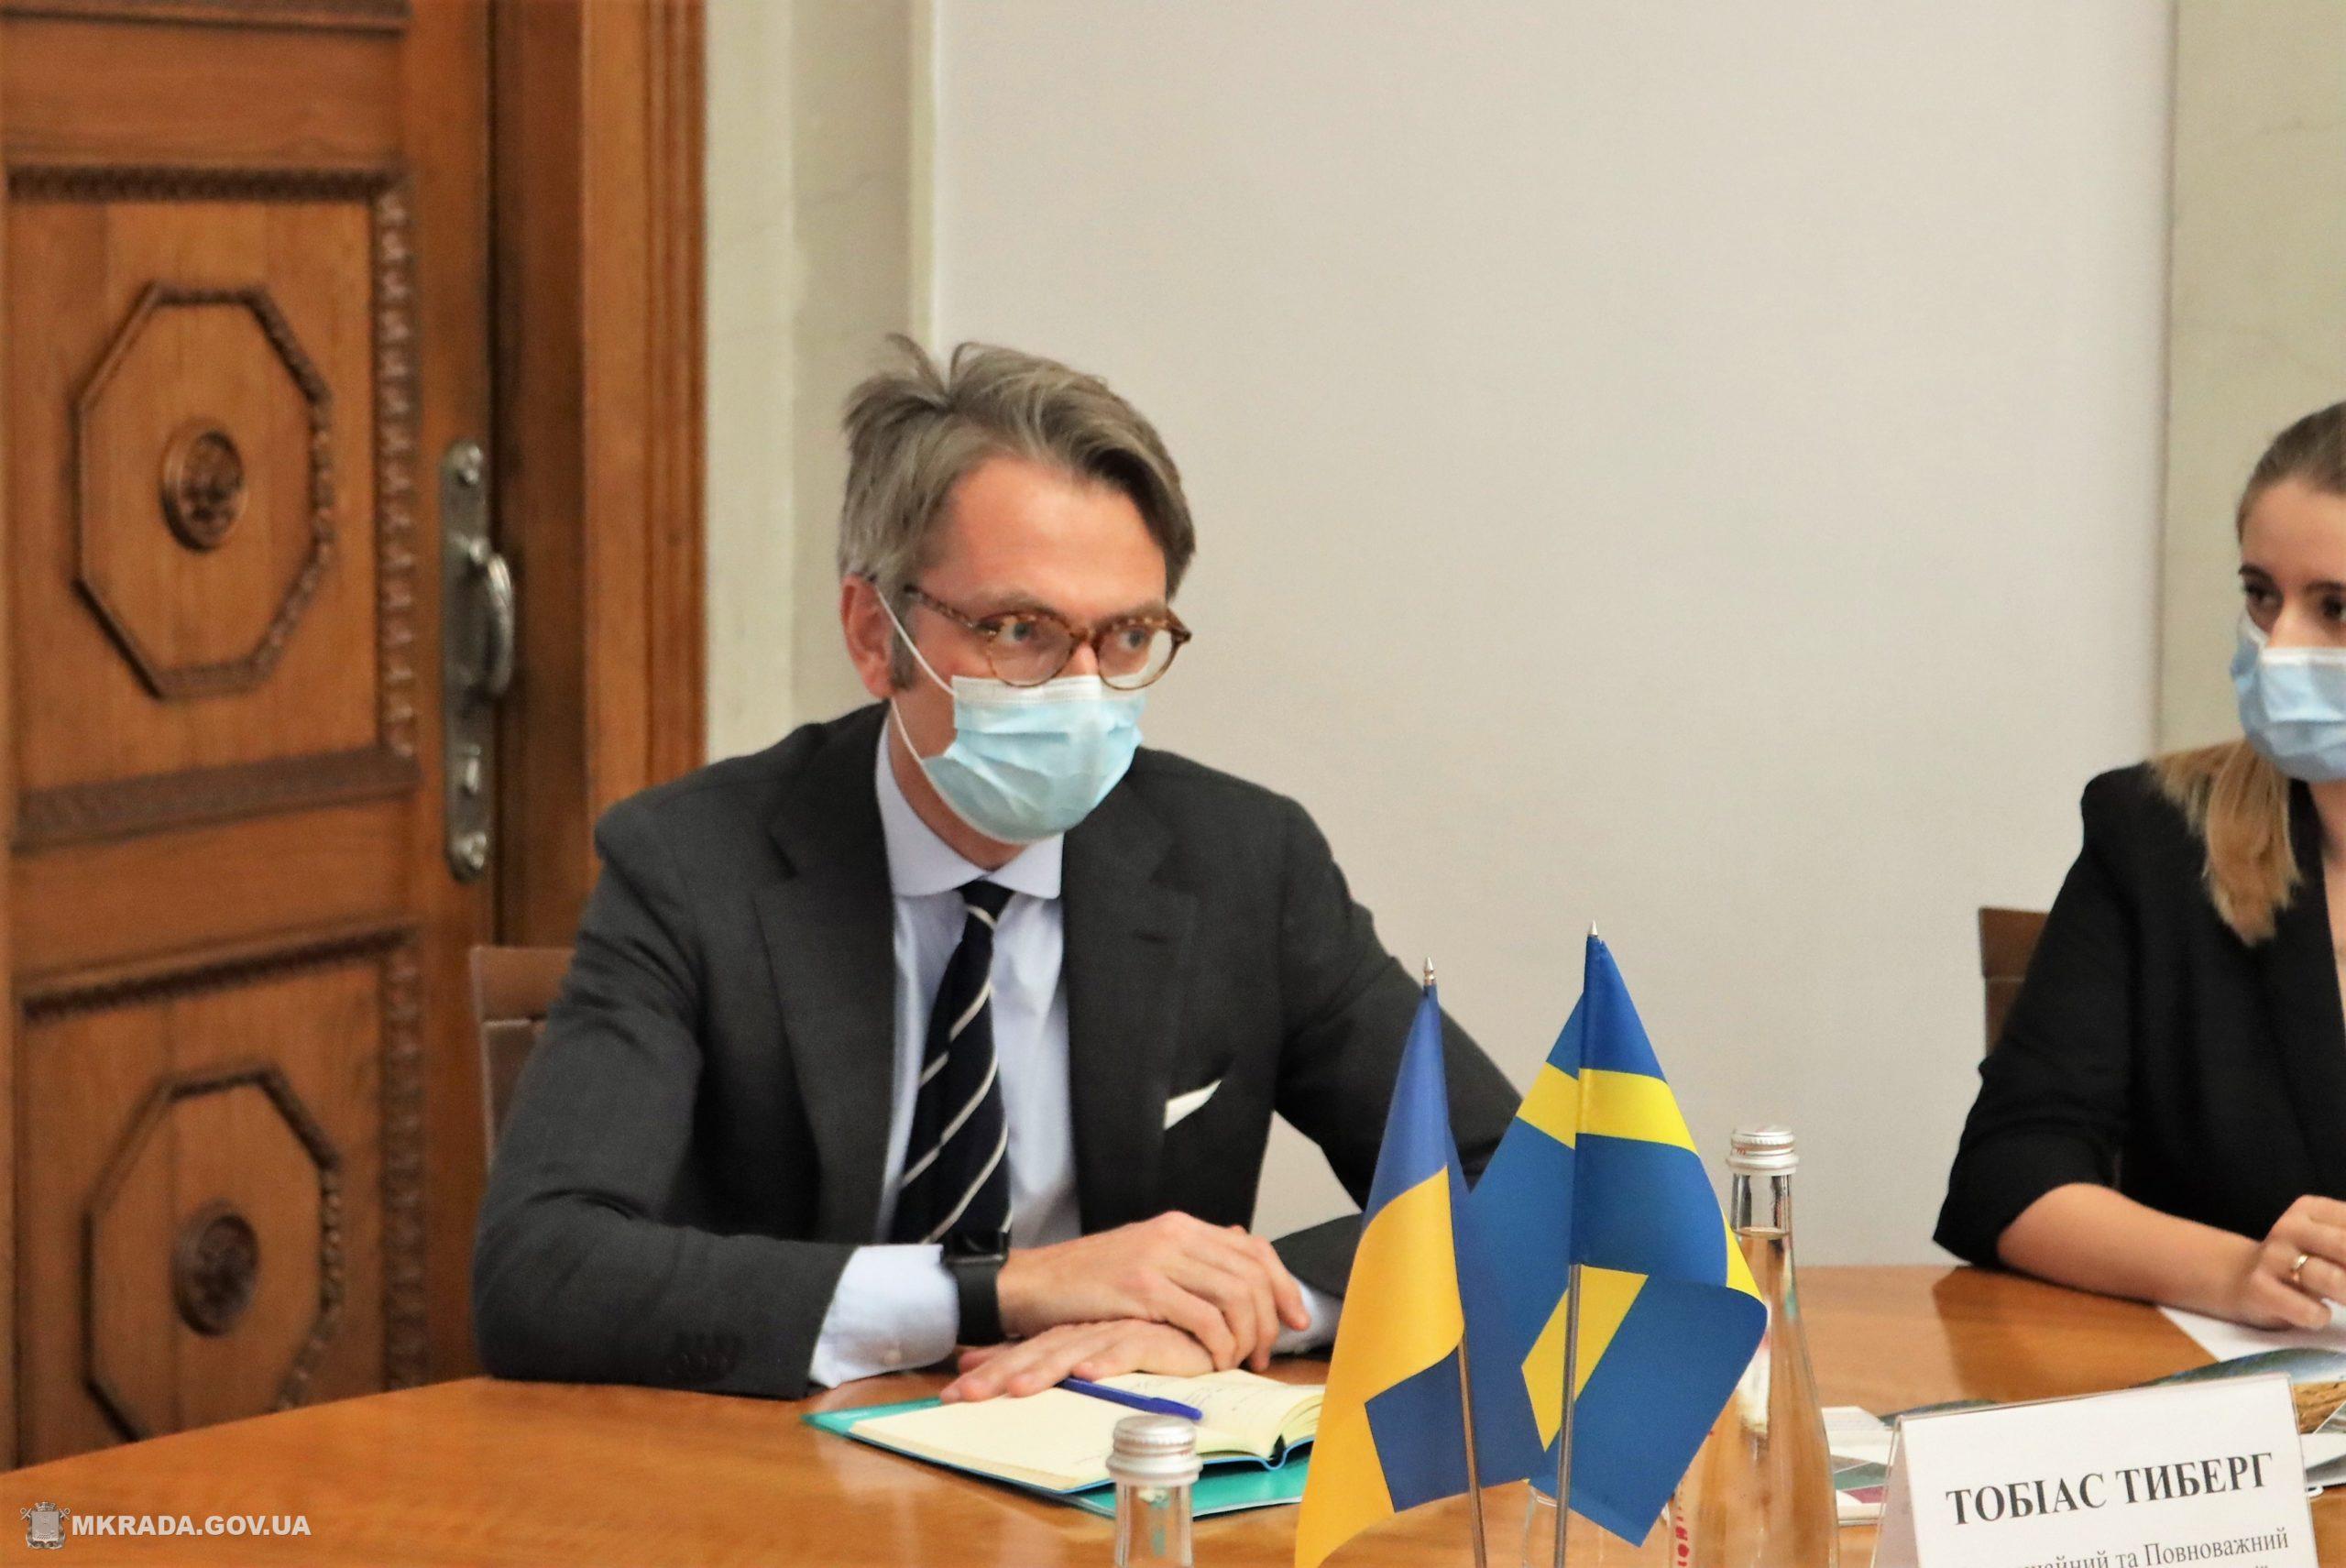 Николаев посетил Чрезвычайный и Полномочный Посол Королевства Швеция в Украине Тобиас Тиберг (ФОТО) 7